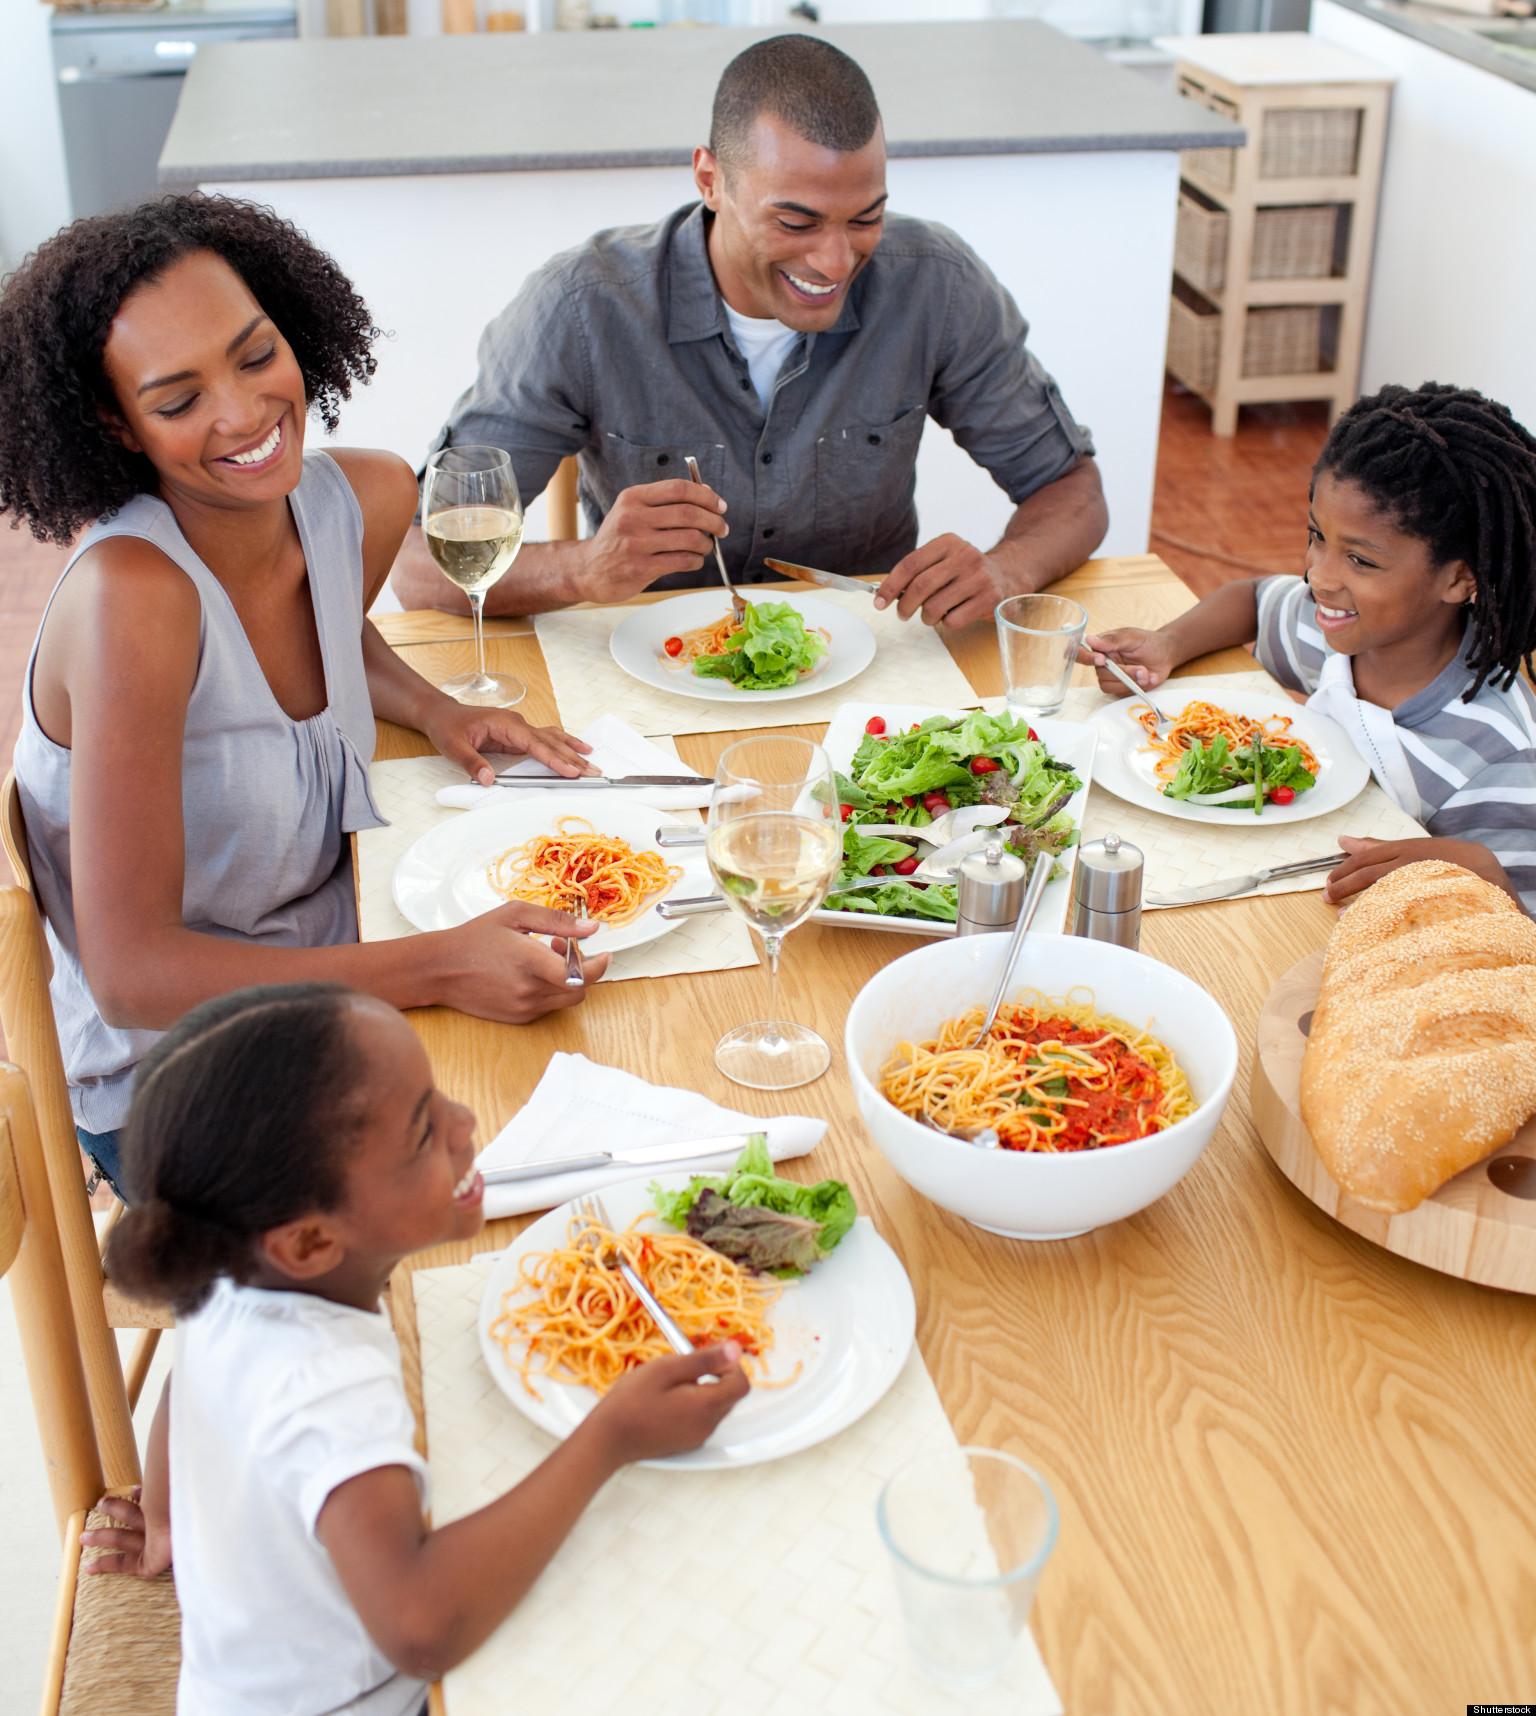 o-FAMILY-MEALTIME-facebook.jpg